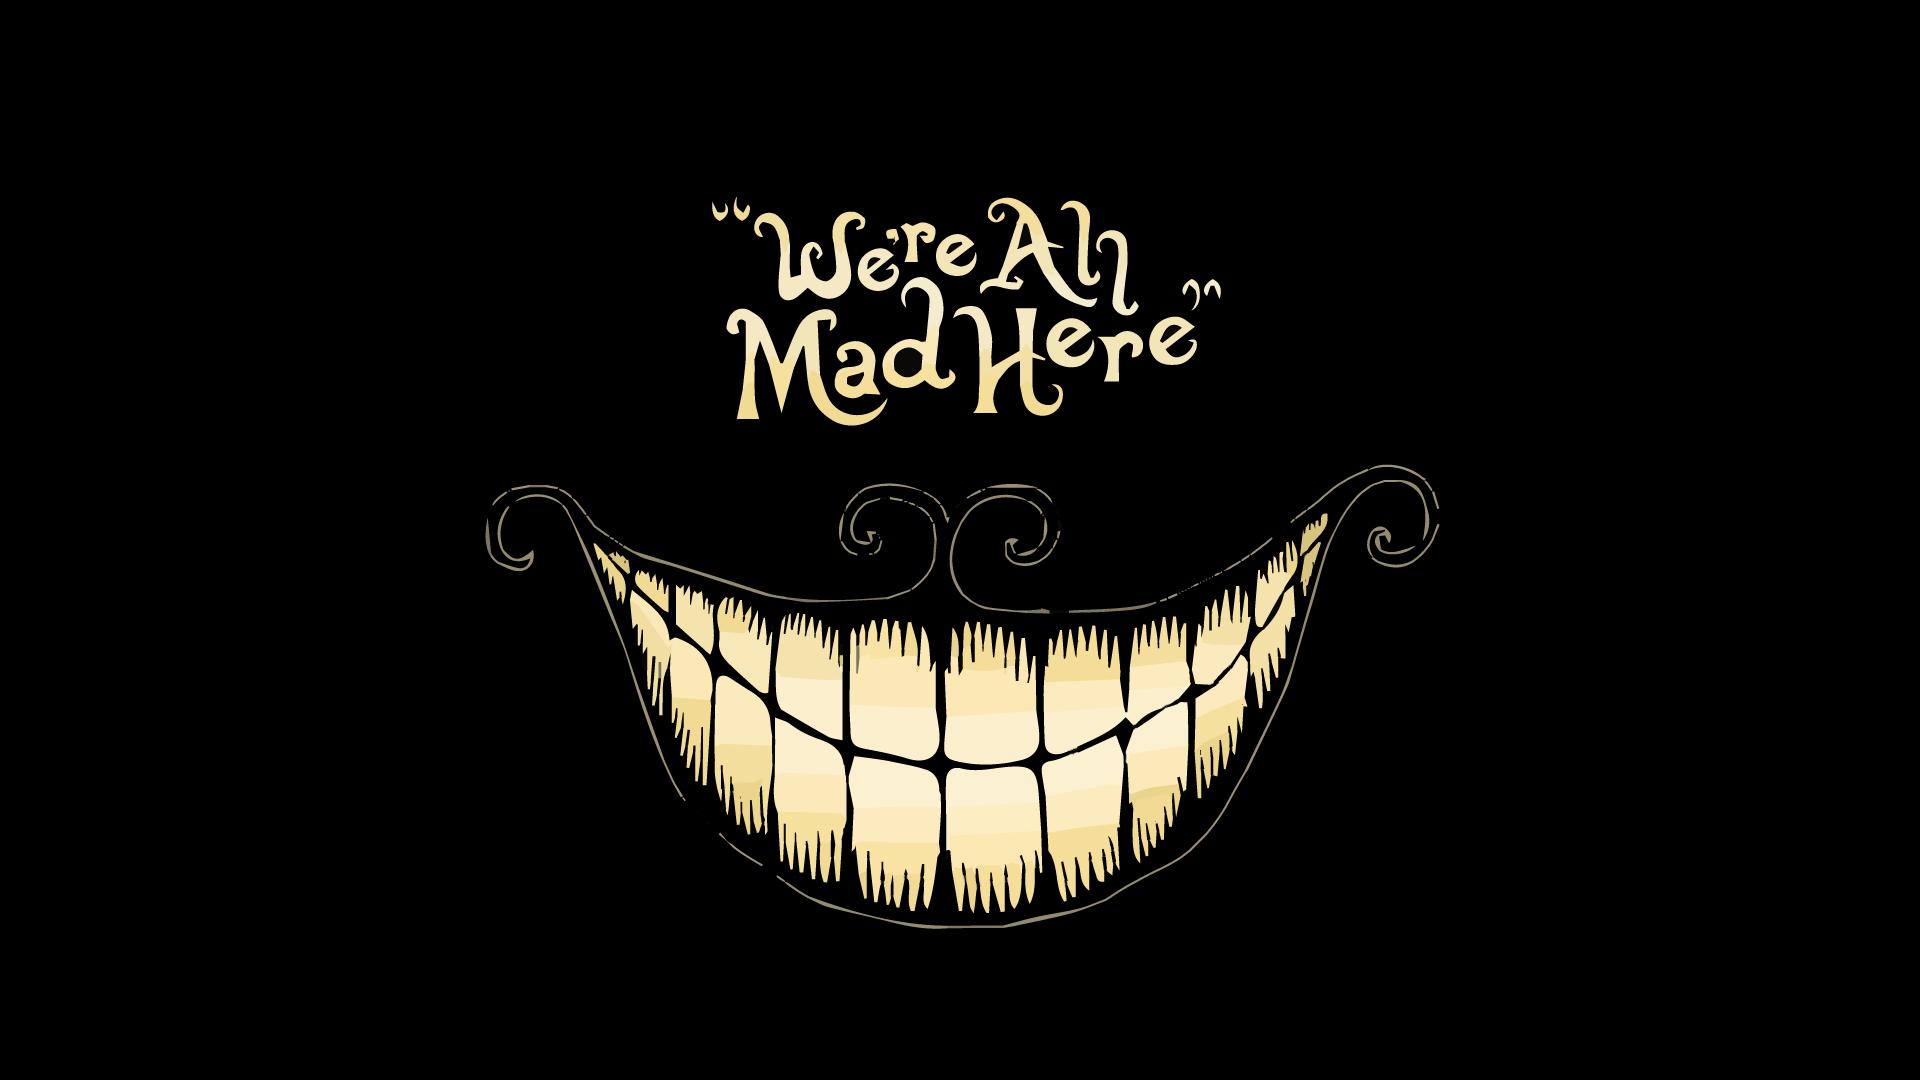 Einzigartig Alice Im Wunderland Zitate Referenz Von Tration Zitat Text Logo Schnurrbart Marke Puter-tapete